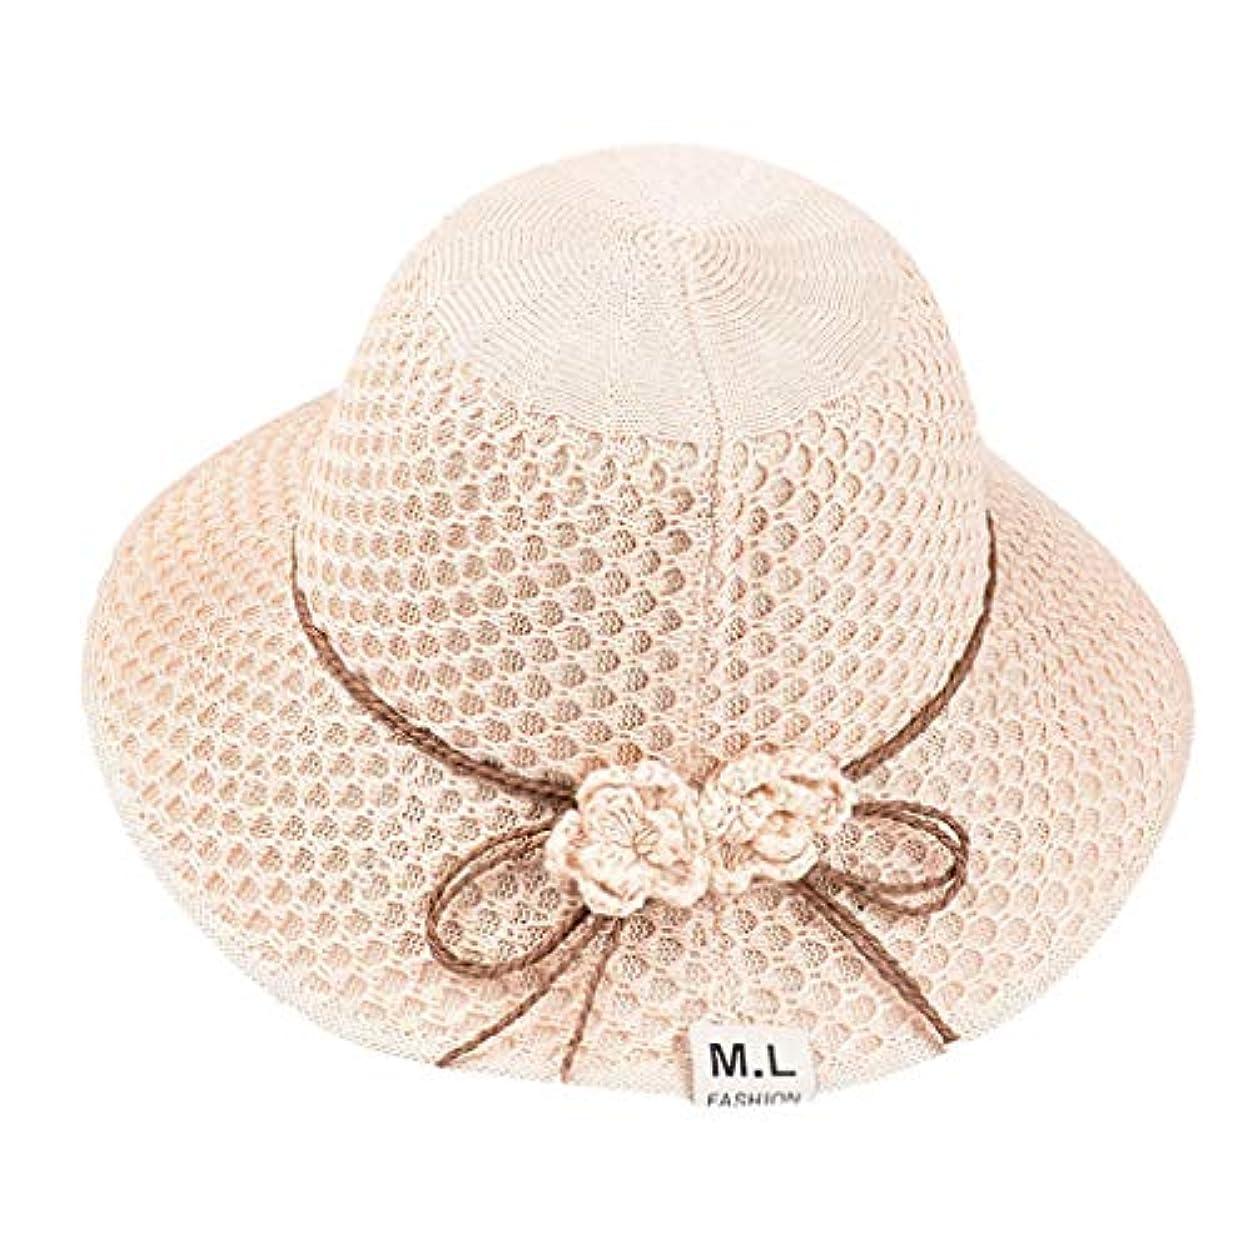 到着たまに真剣に帽子 レディース ROSE ROMAN UVカット ハット 紫外線対策 可愛い 小顔効果抜群 麦わら帽子 サンバイザー uvカット キャップ 雨対策 日焼け ハット つば広 日焼け防止 軽量 熱中症予防 折りたたみ サイズ調節可